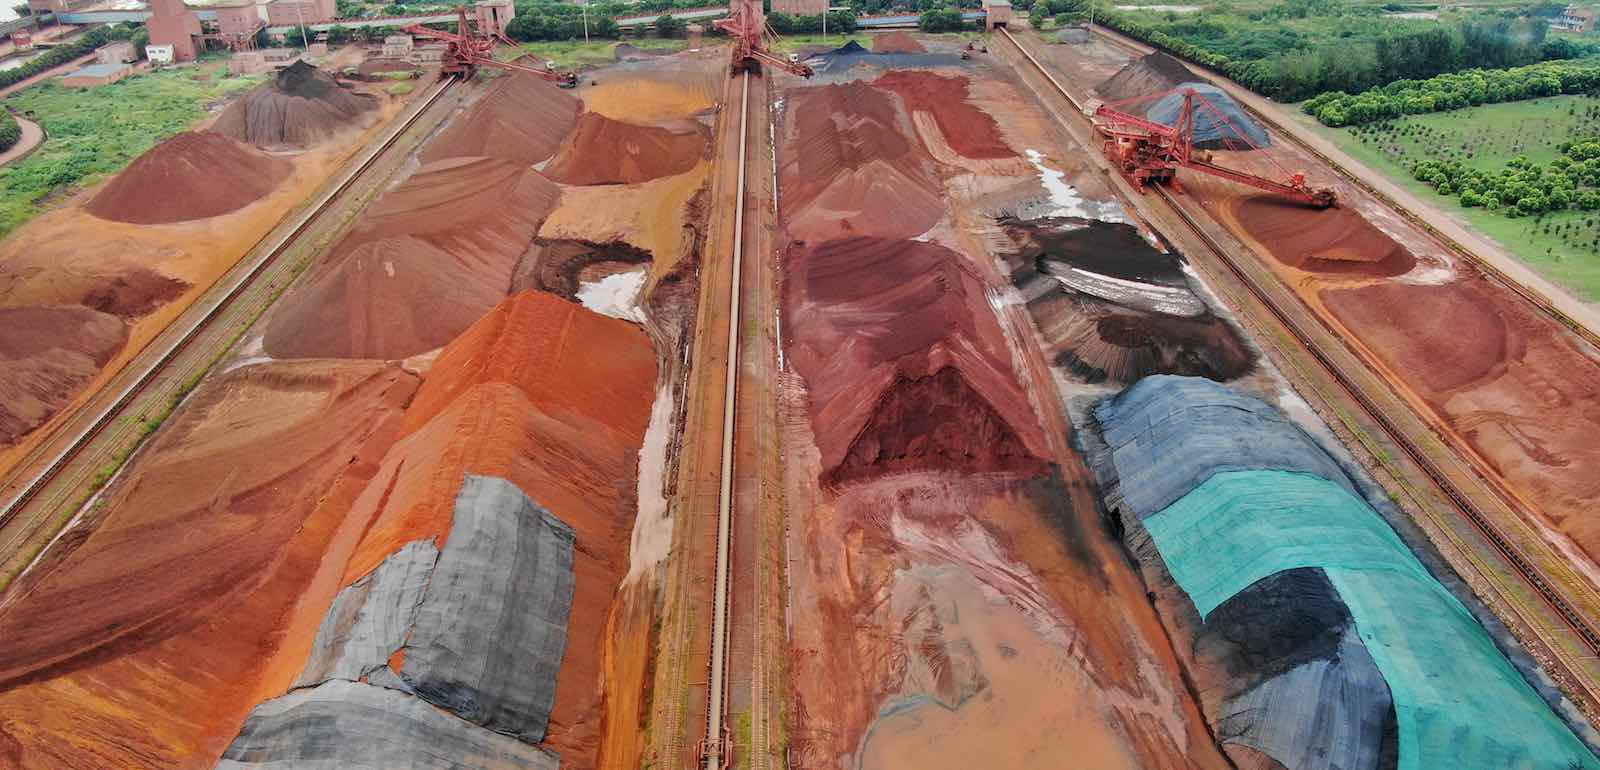 Imported iron sand at Nantong port, China (Photo: Xu Congjun via Getty)